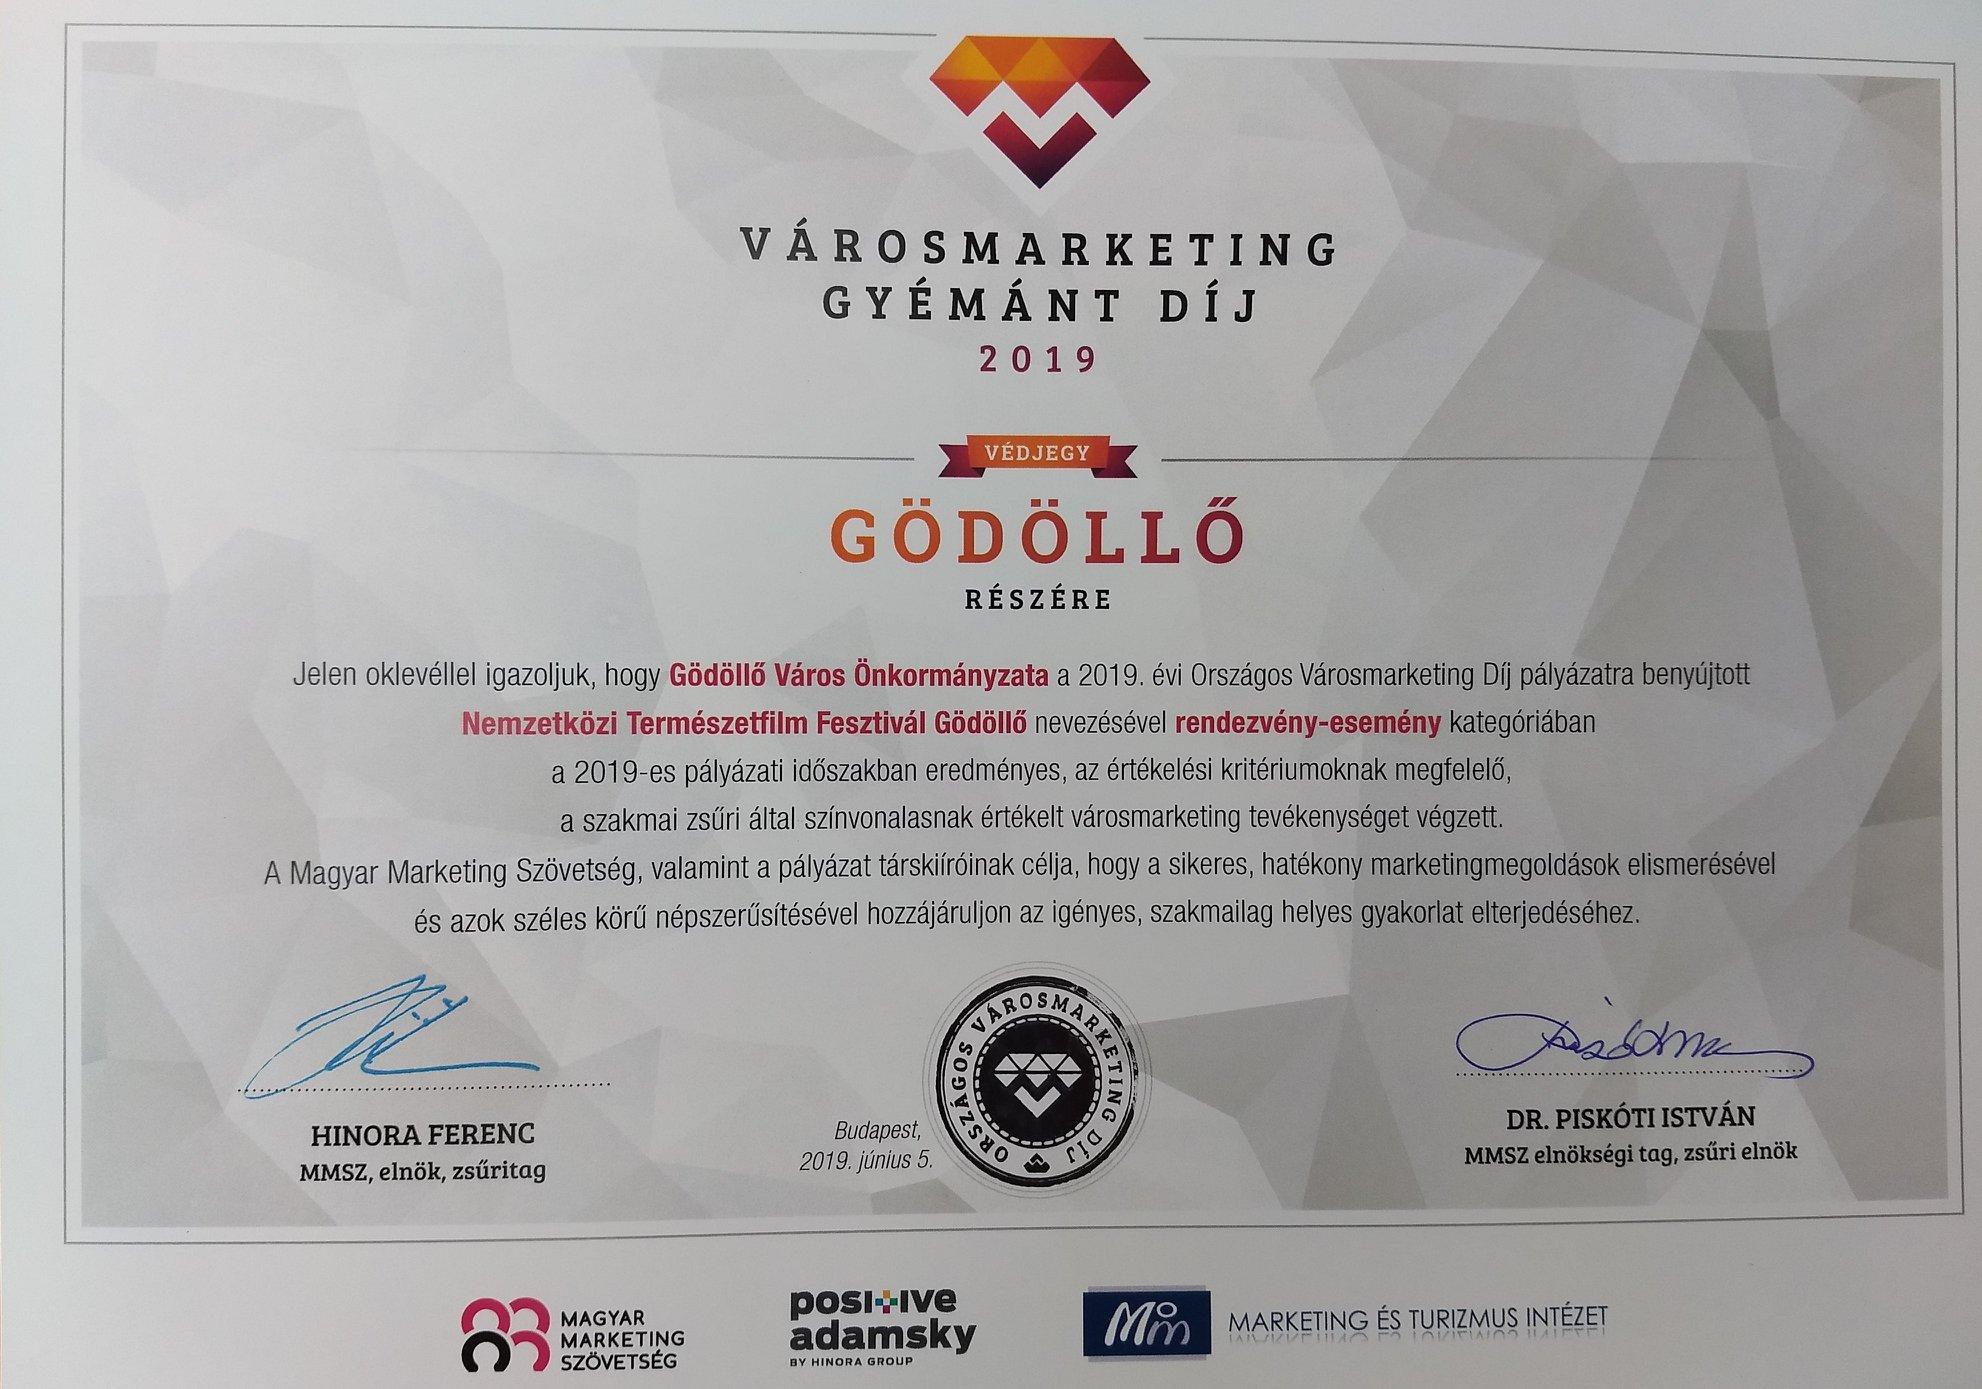 Városmarketing gyémánt díjat kapott a Nemzetközi Természetfilm Fesztivál